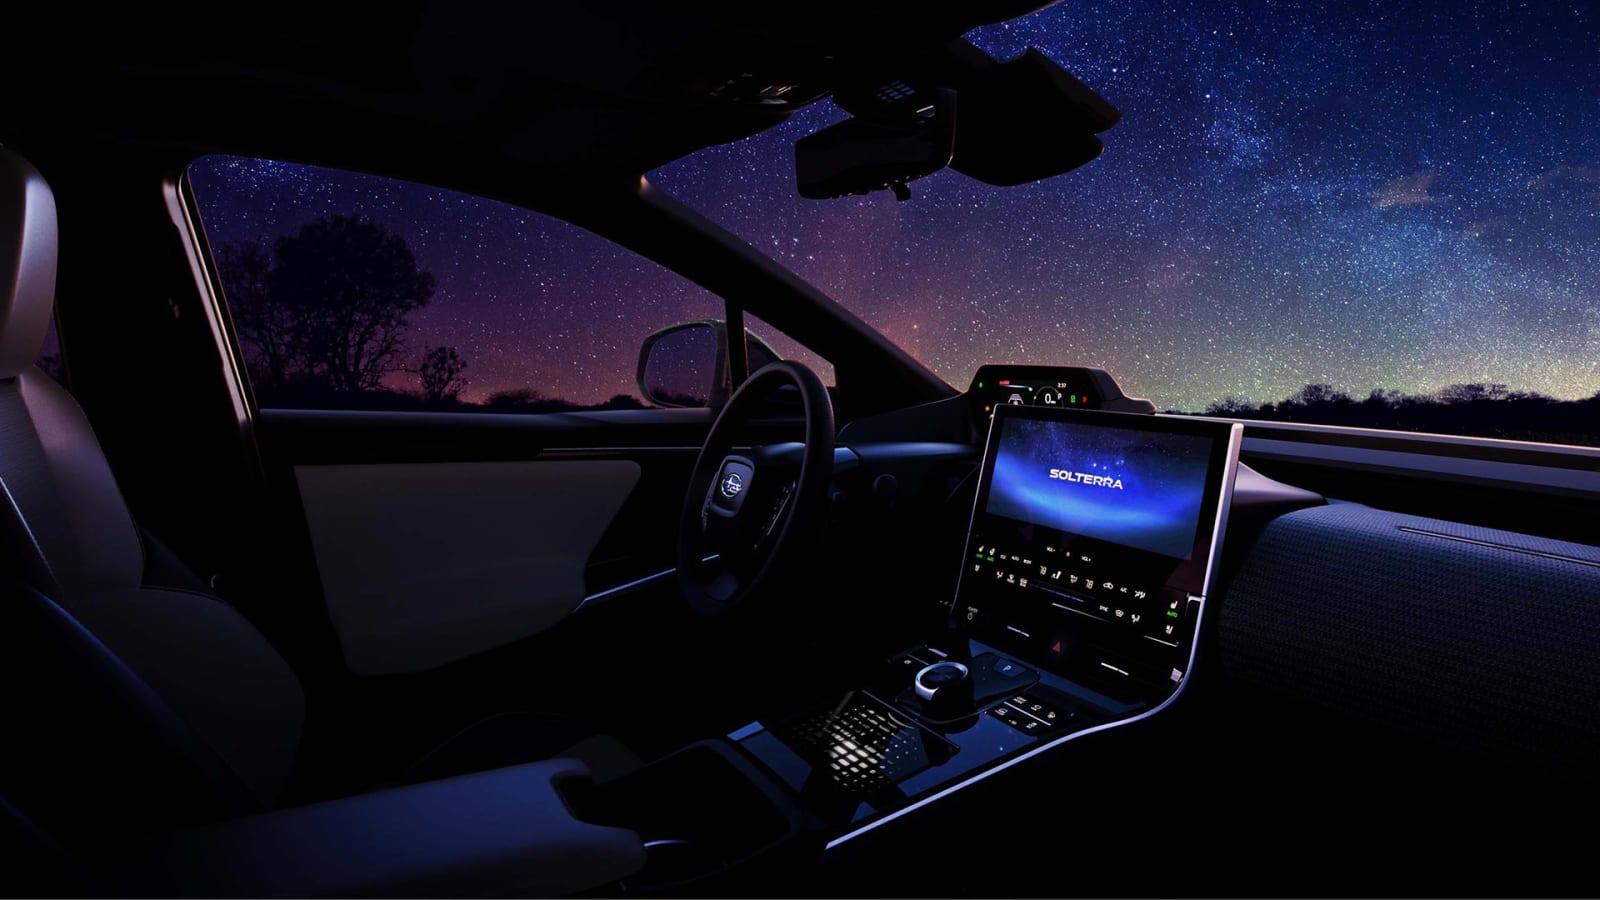 2023 Subaru Solterra EV mit aussagekräftigen Fotos von innen und außen angeteasert€